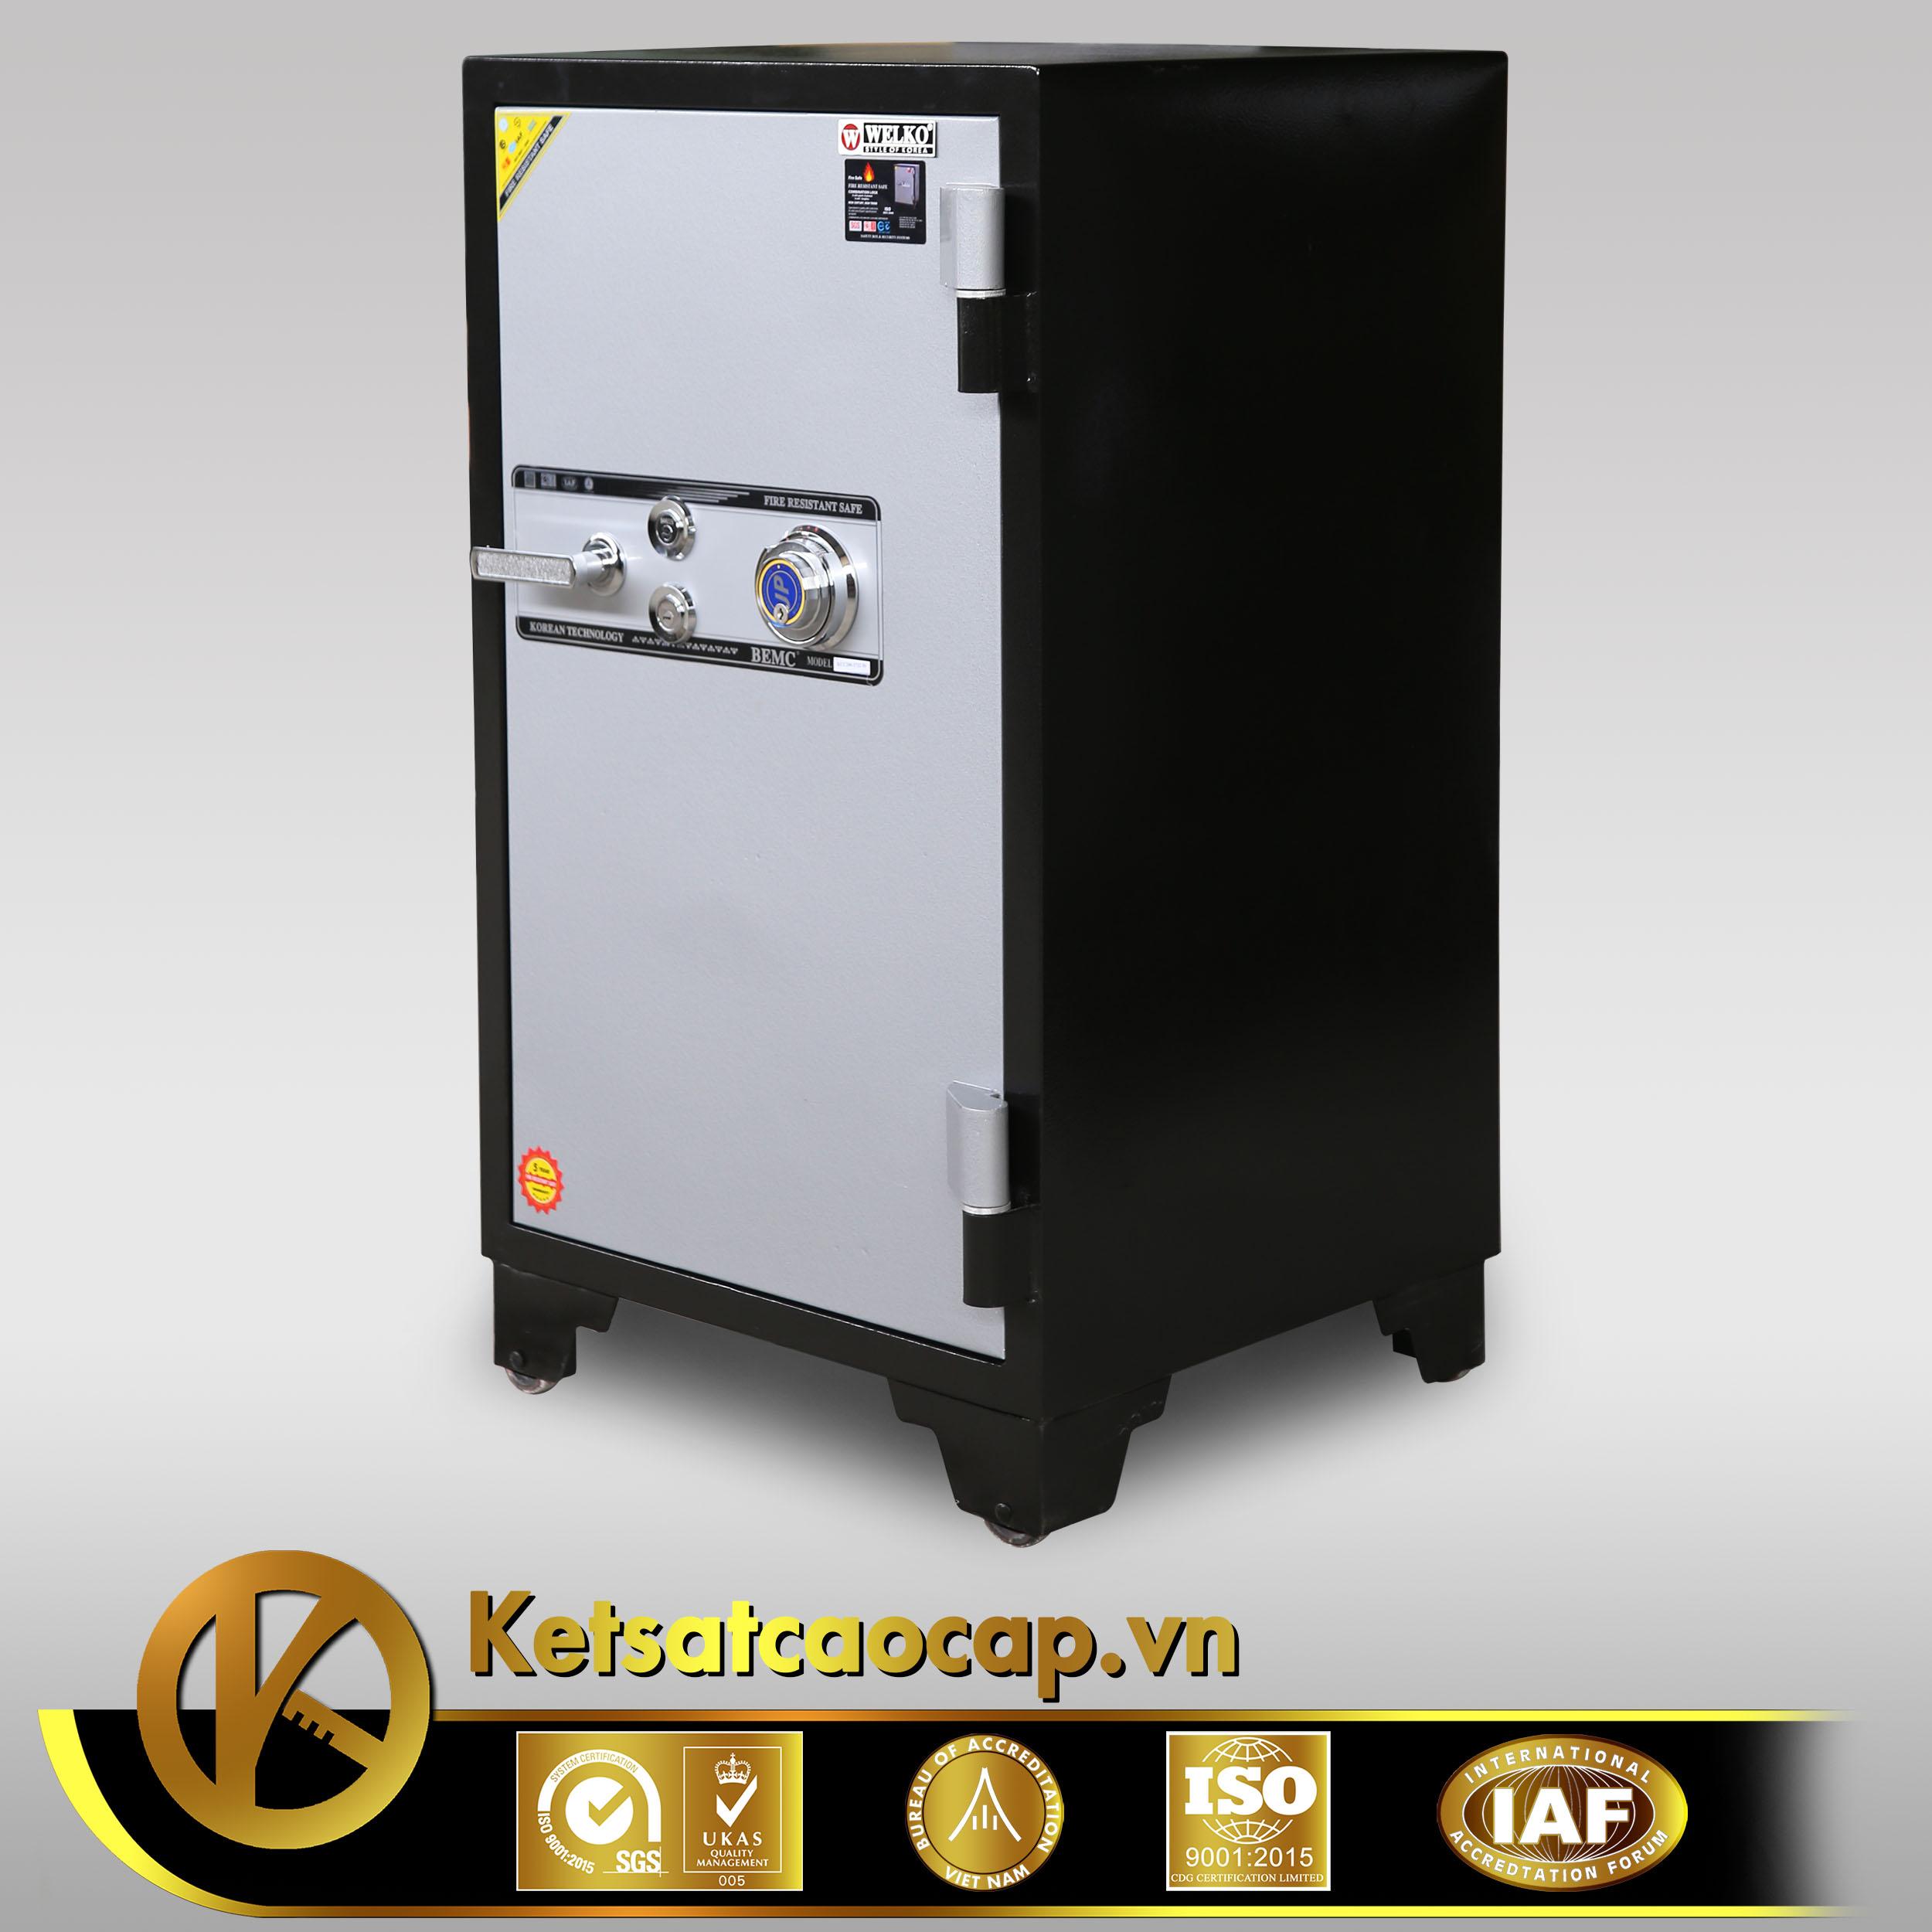 hình ảnh sản phẩm Két sắt Welko KS1070 DK khóa  điện tử Đổi Mã